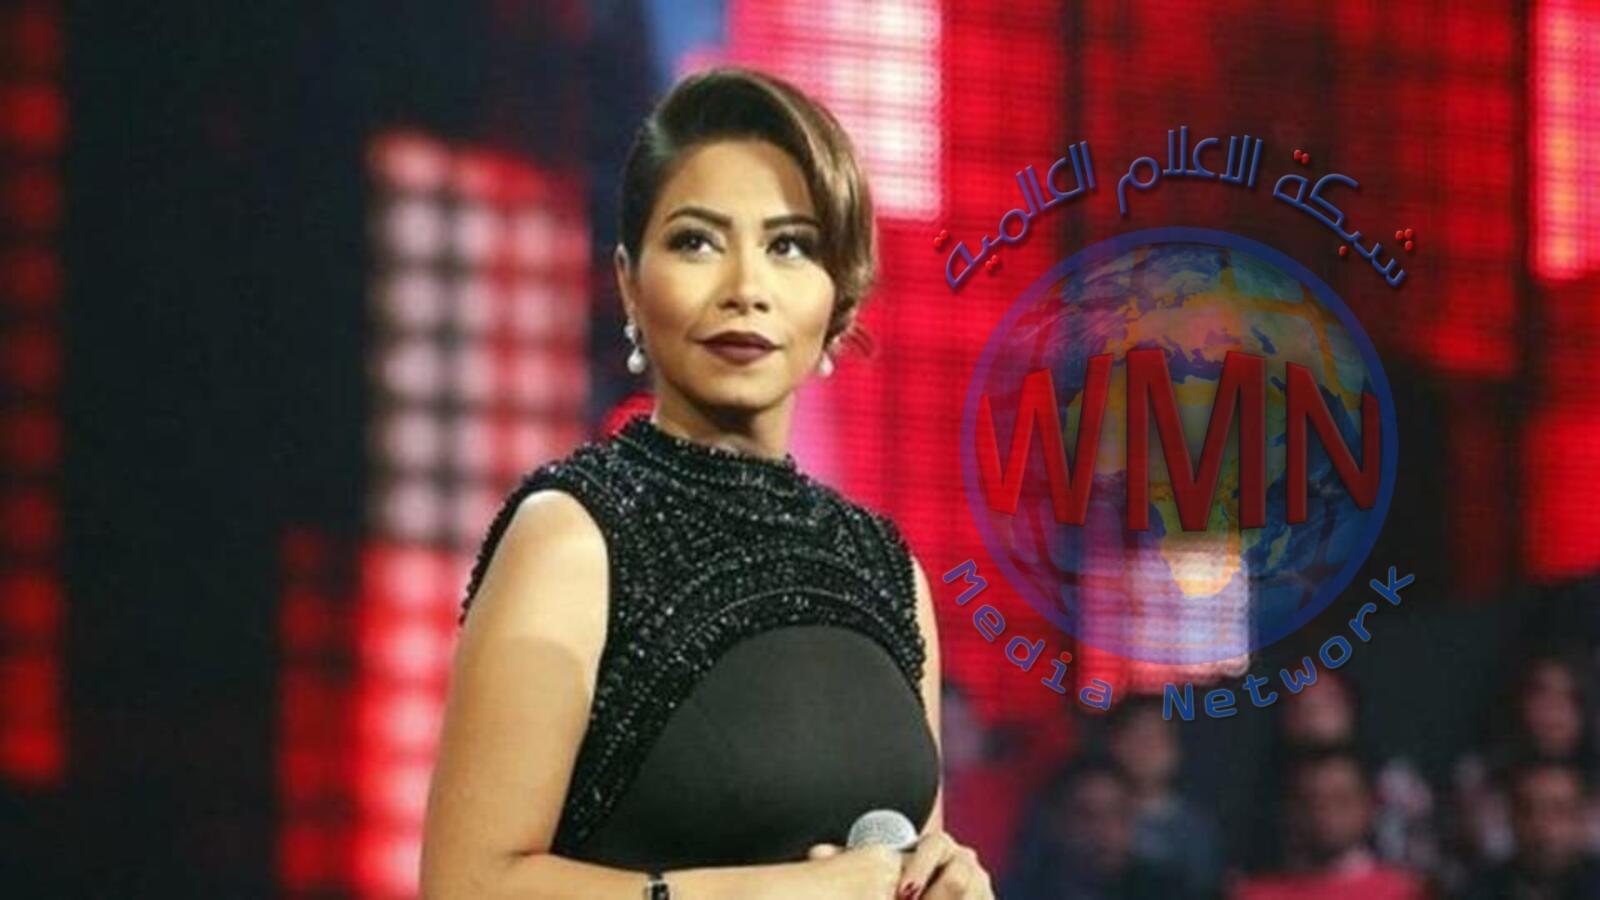 نقابة الموسيقيين في مصر تصدر بيانًا جديدًا حول أزمة شيرين الأخيرة والإيقاف